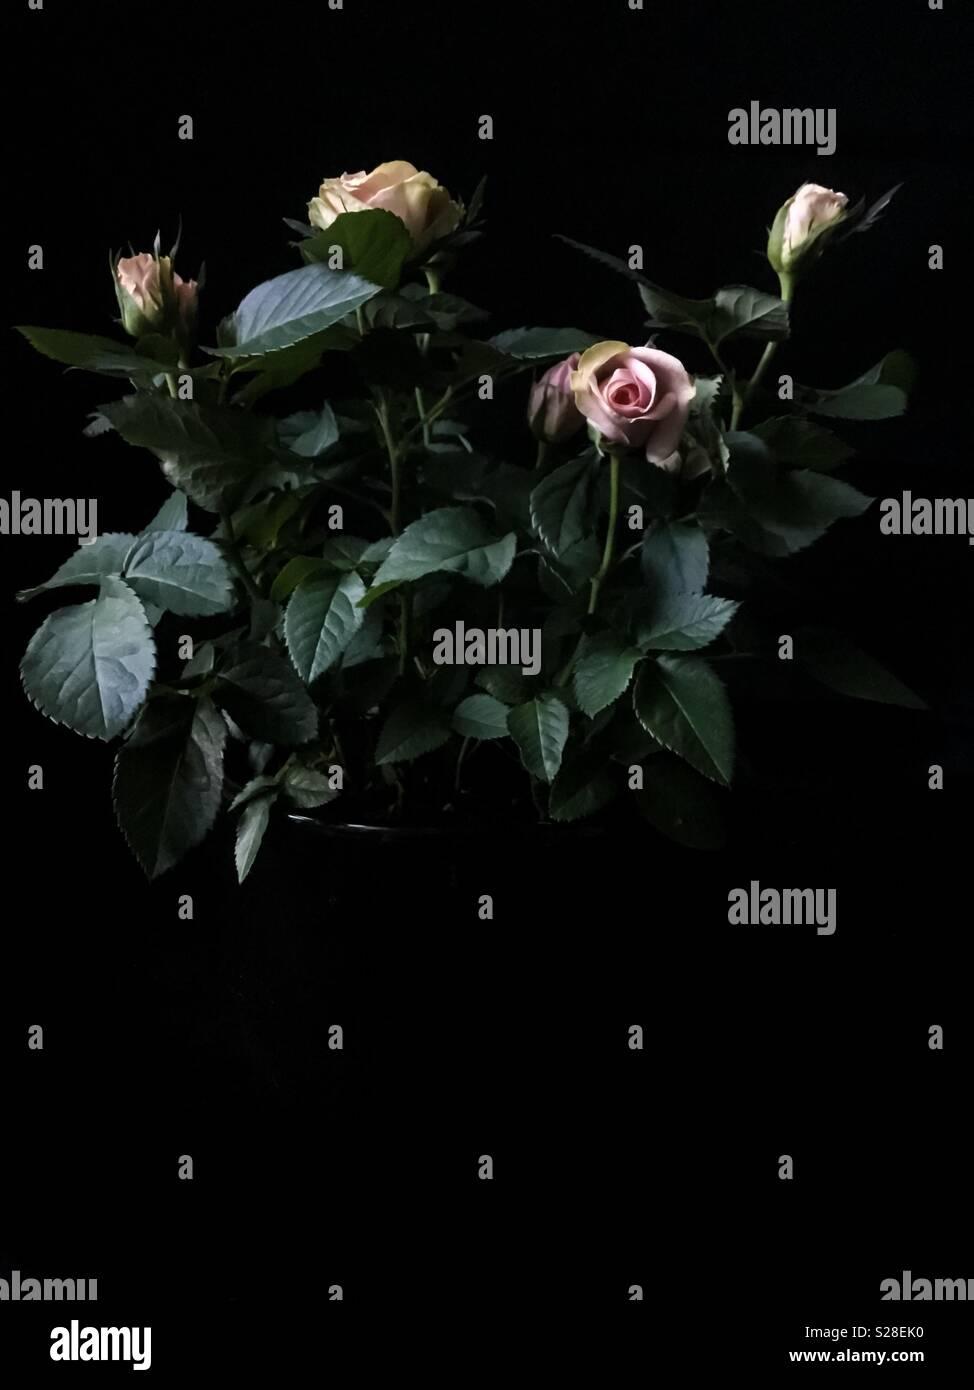 Rosa rosa bush su sfondo scuro Immagini Stock